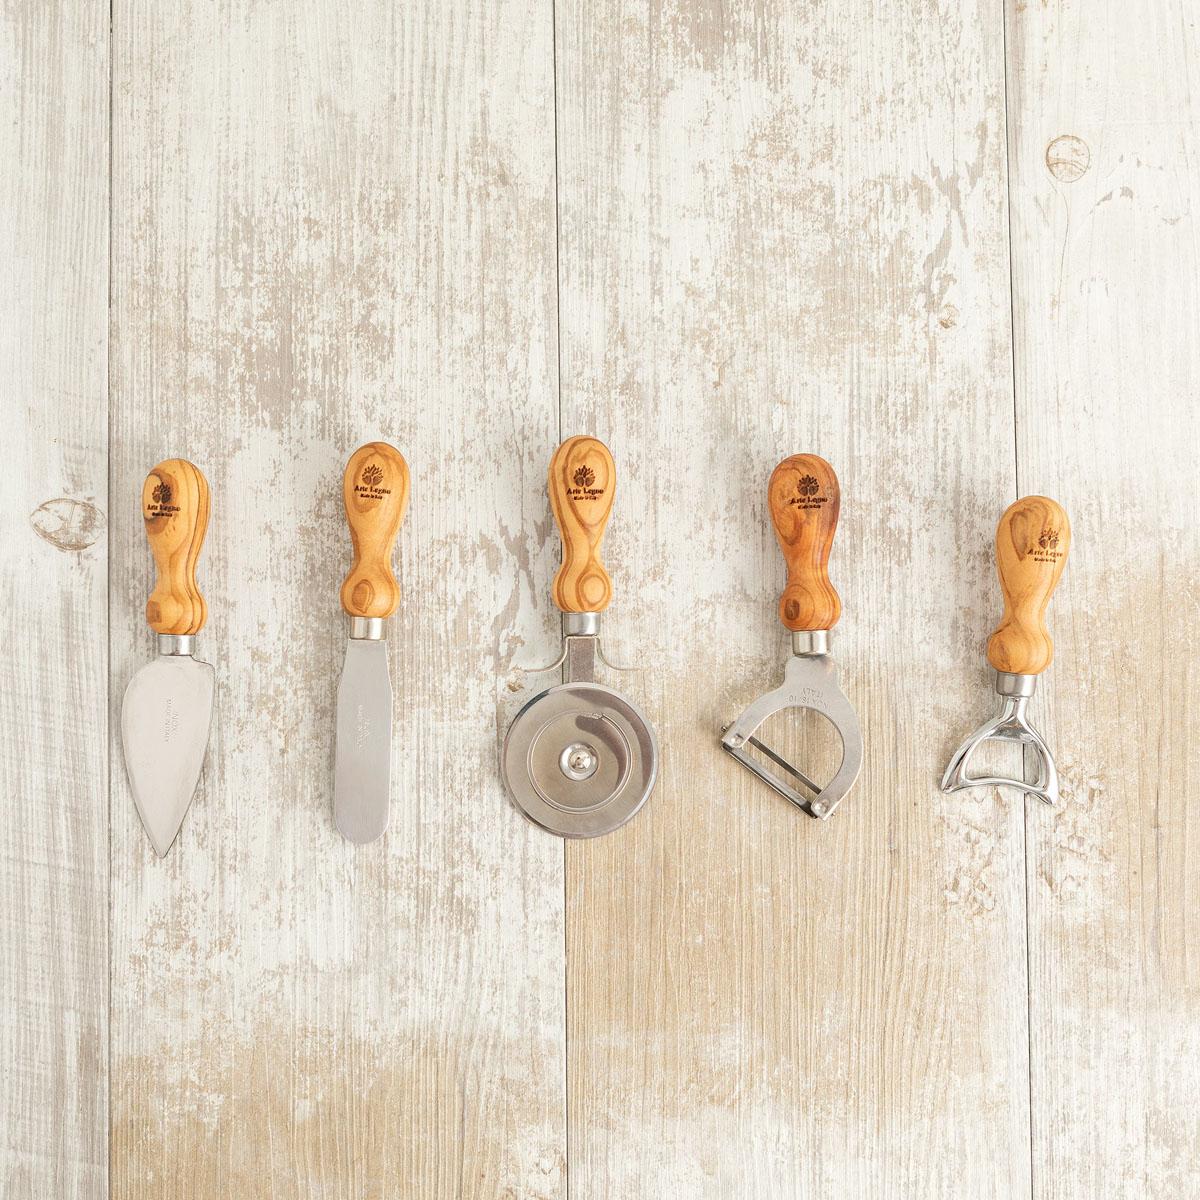 Set 5 utensili da cucina in legno di ulivo | Arte Legno